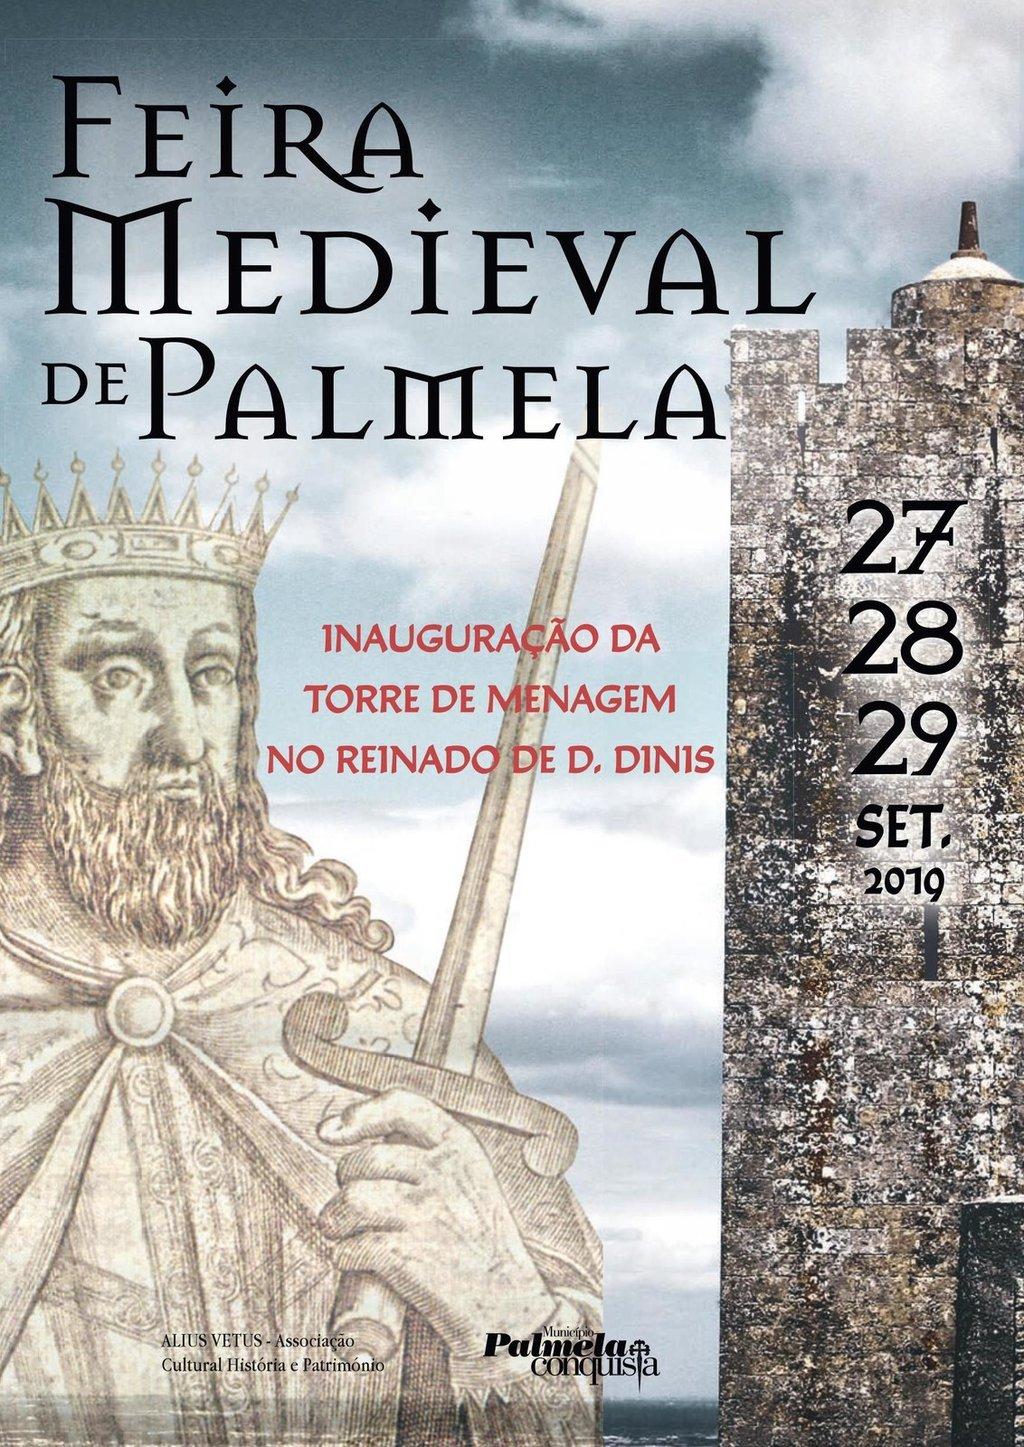 Feira medieval de palmela 1 1024 2500